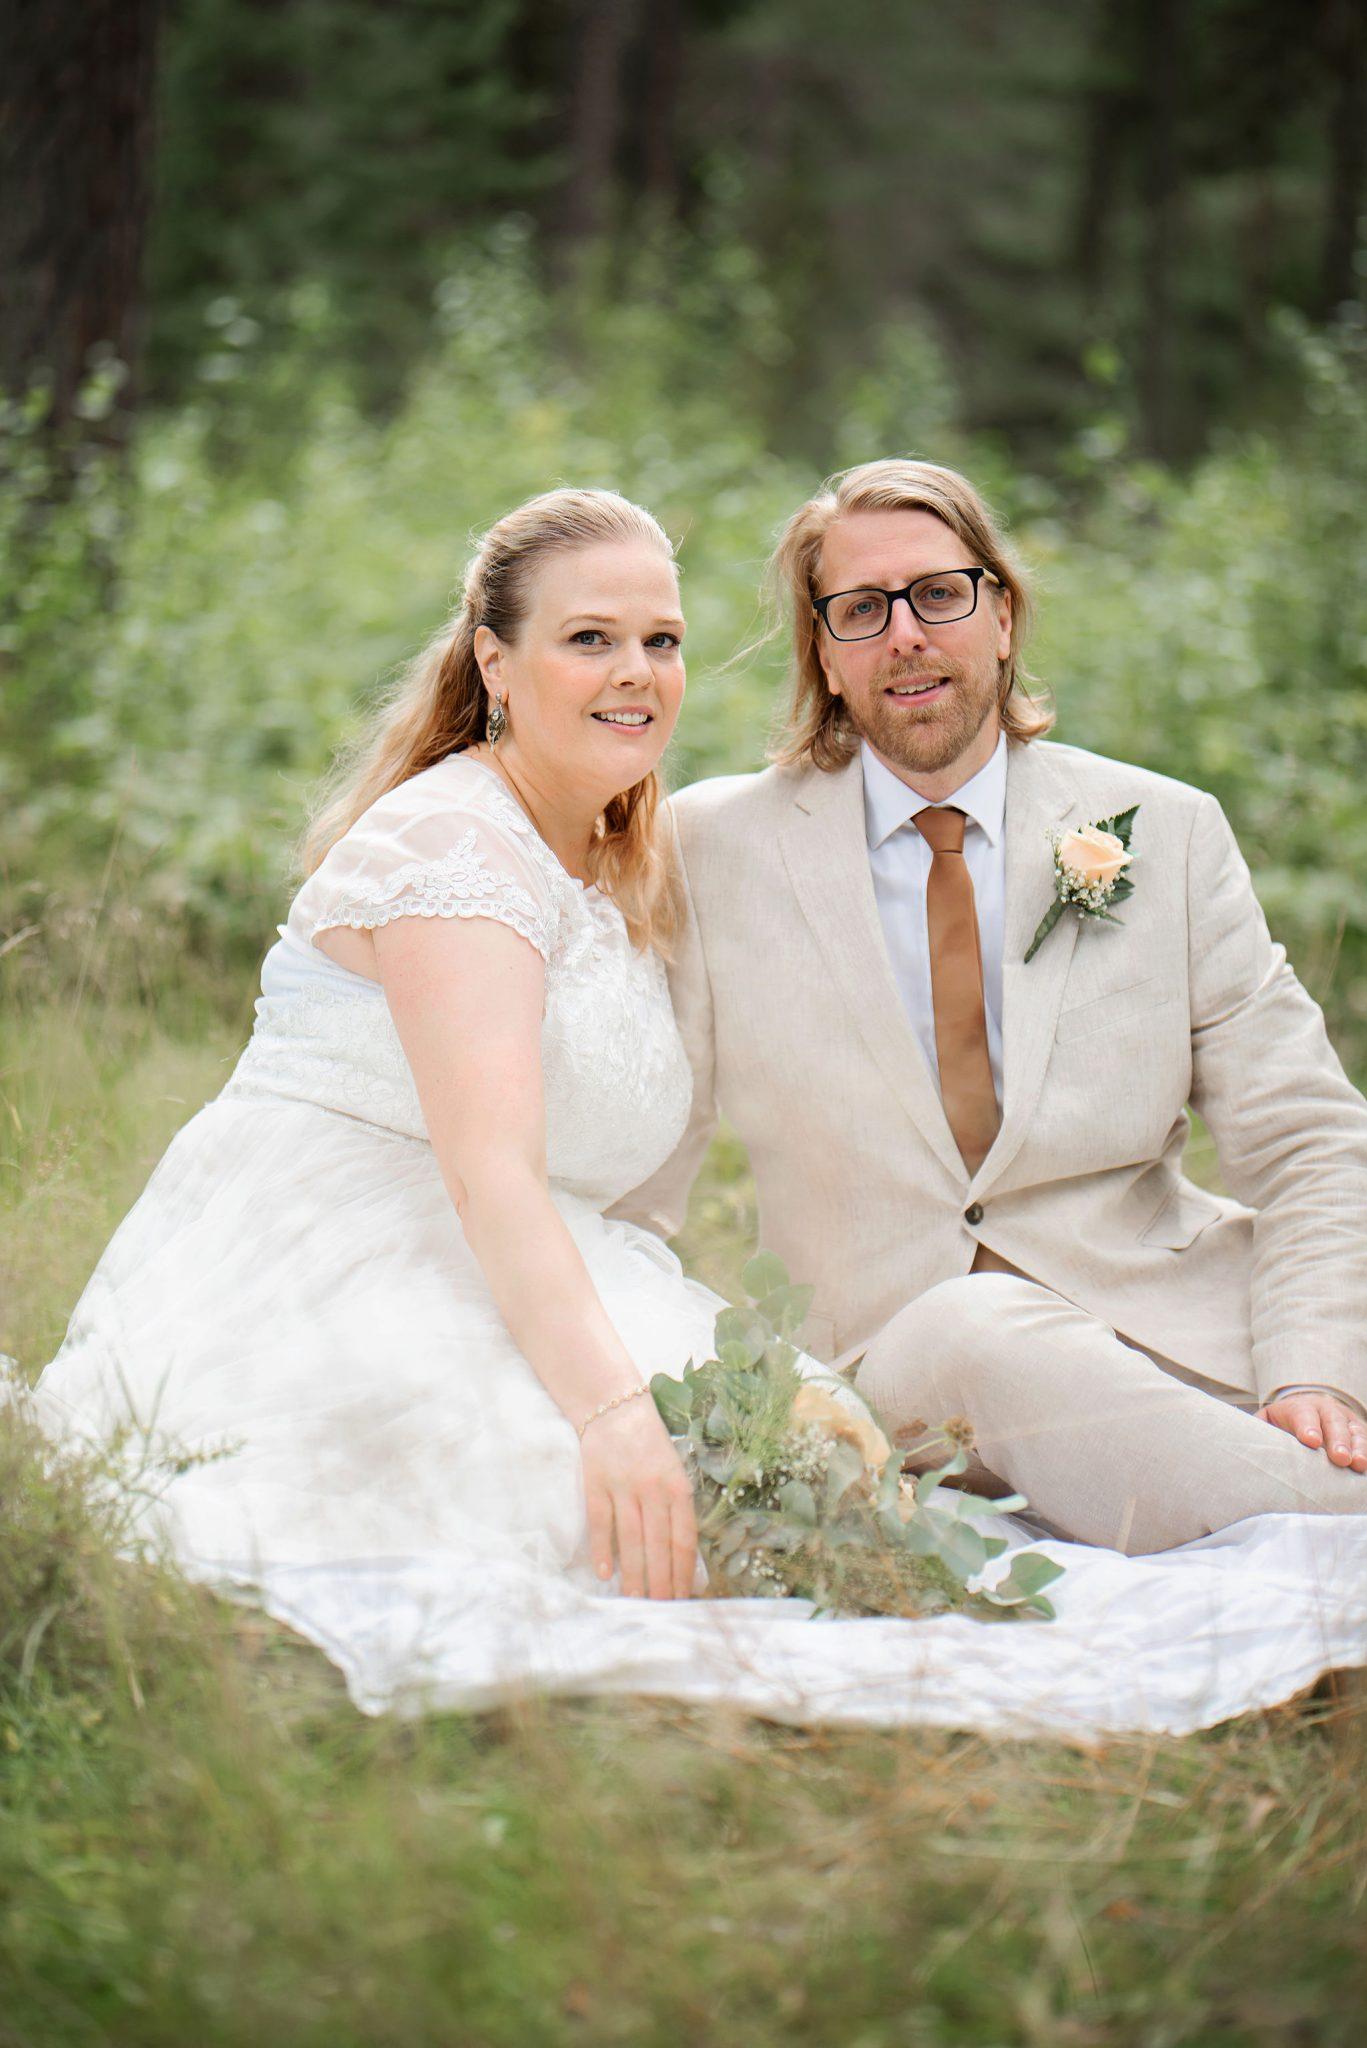 Elise & Christoffer